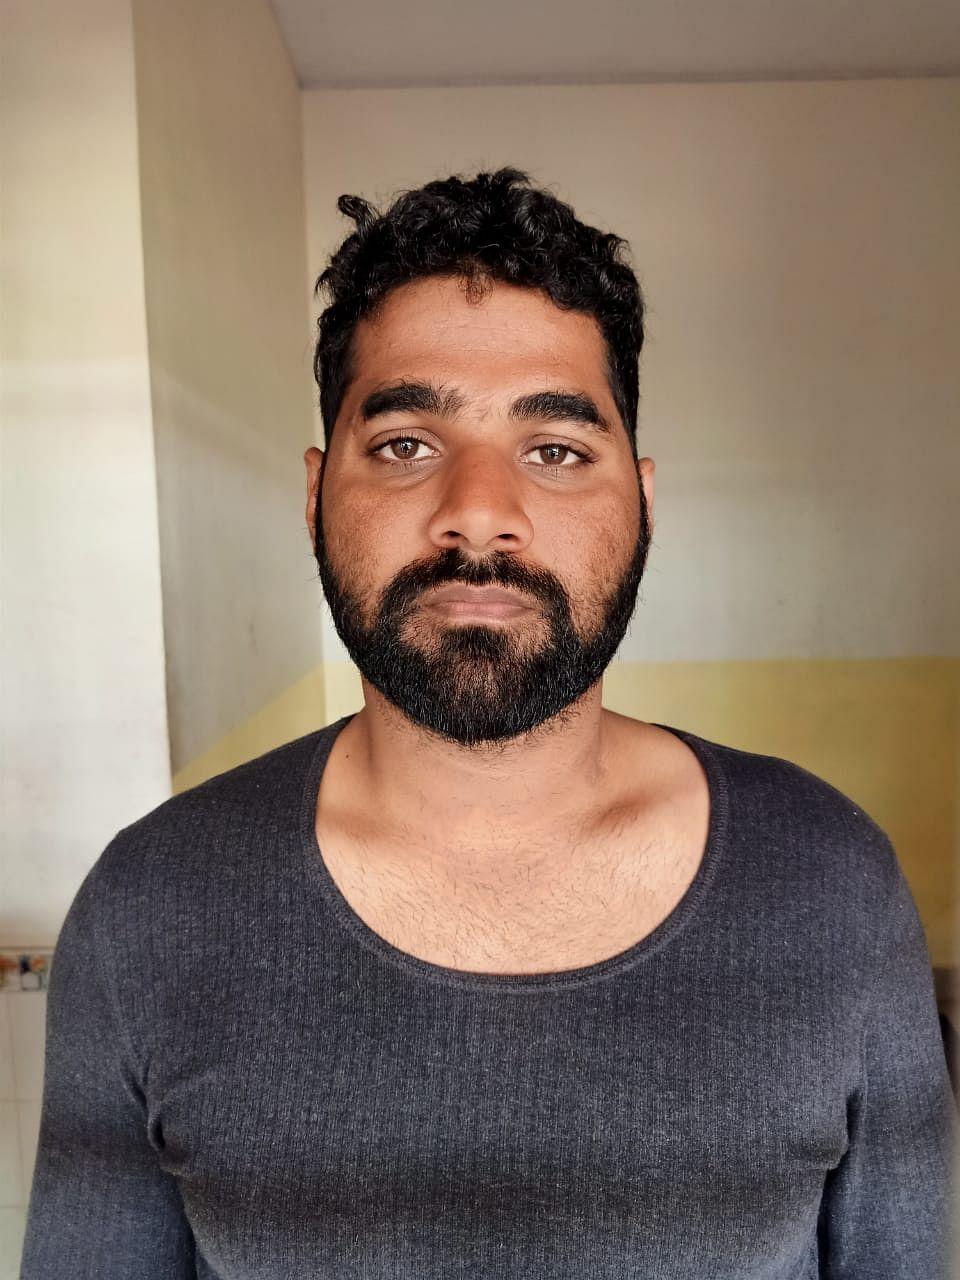 संरपच का अपहरण कर फिरोती करने वाली गिरोह का ईनामी अपराधी गिरफ्तार